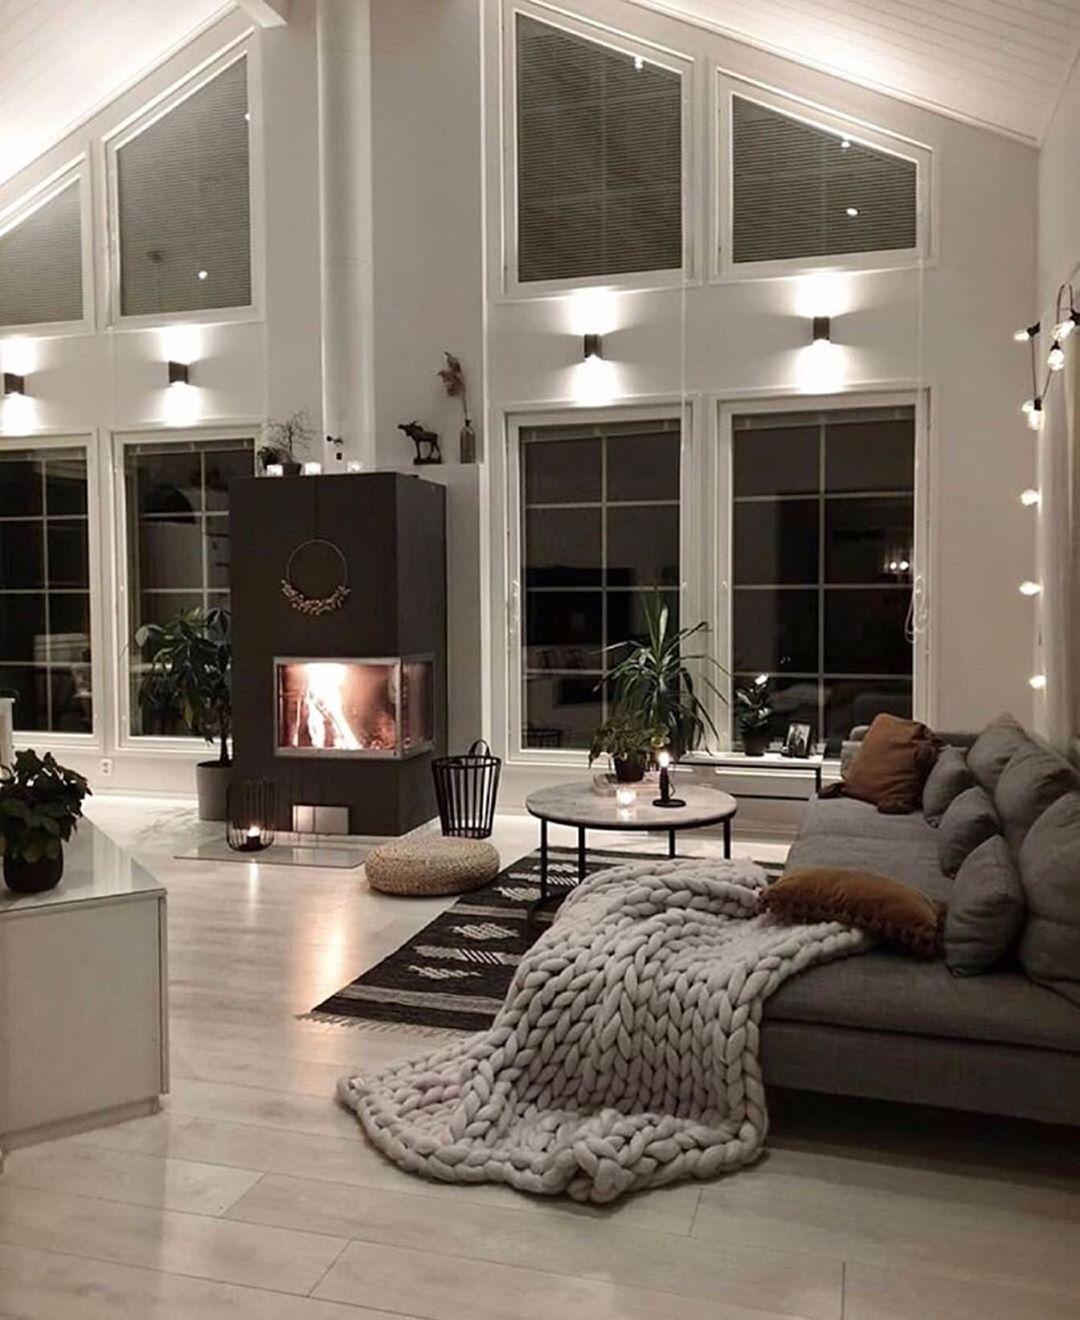 Villa Maison De Luxe En 2020 Interieur Maison Interieur Maison Design Deco Maison Design